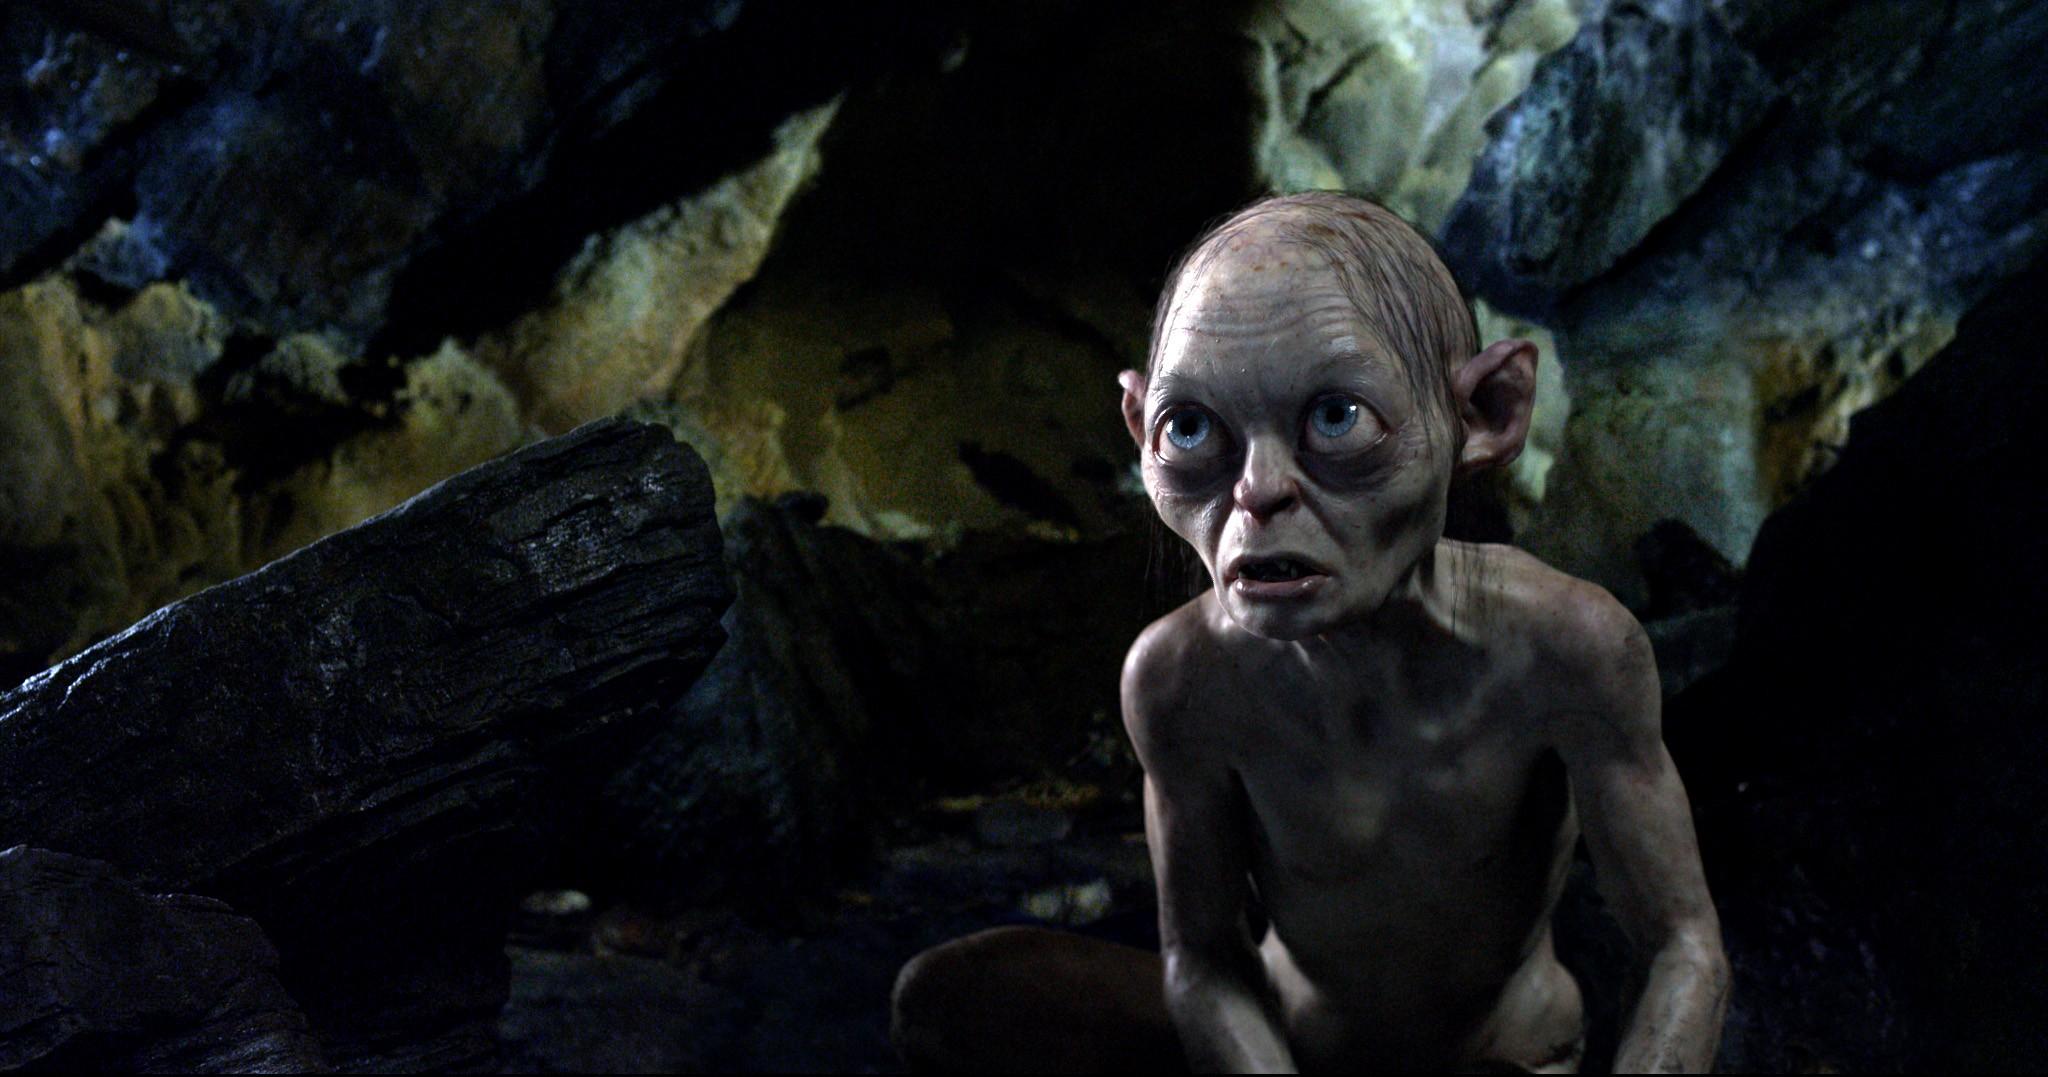 кадры из фильма Хоббит: Нежданное путешествие Энди Серкис,